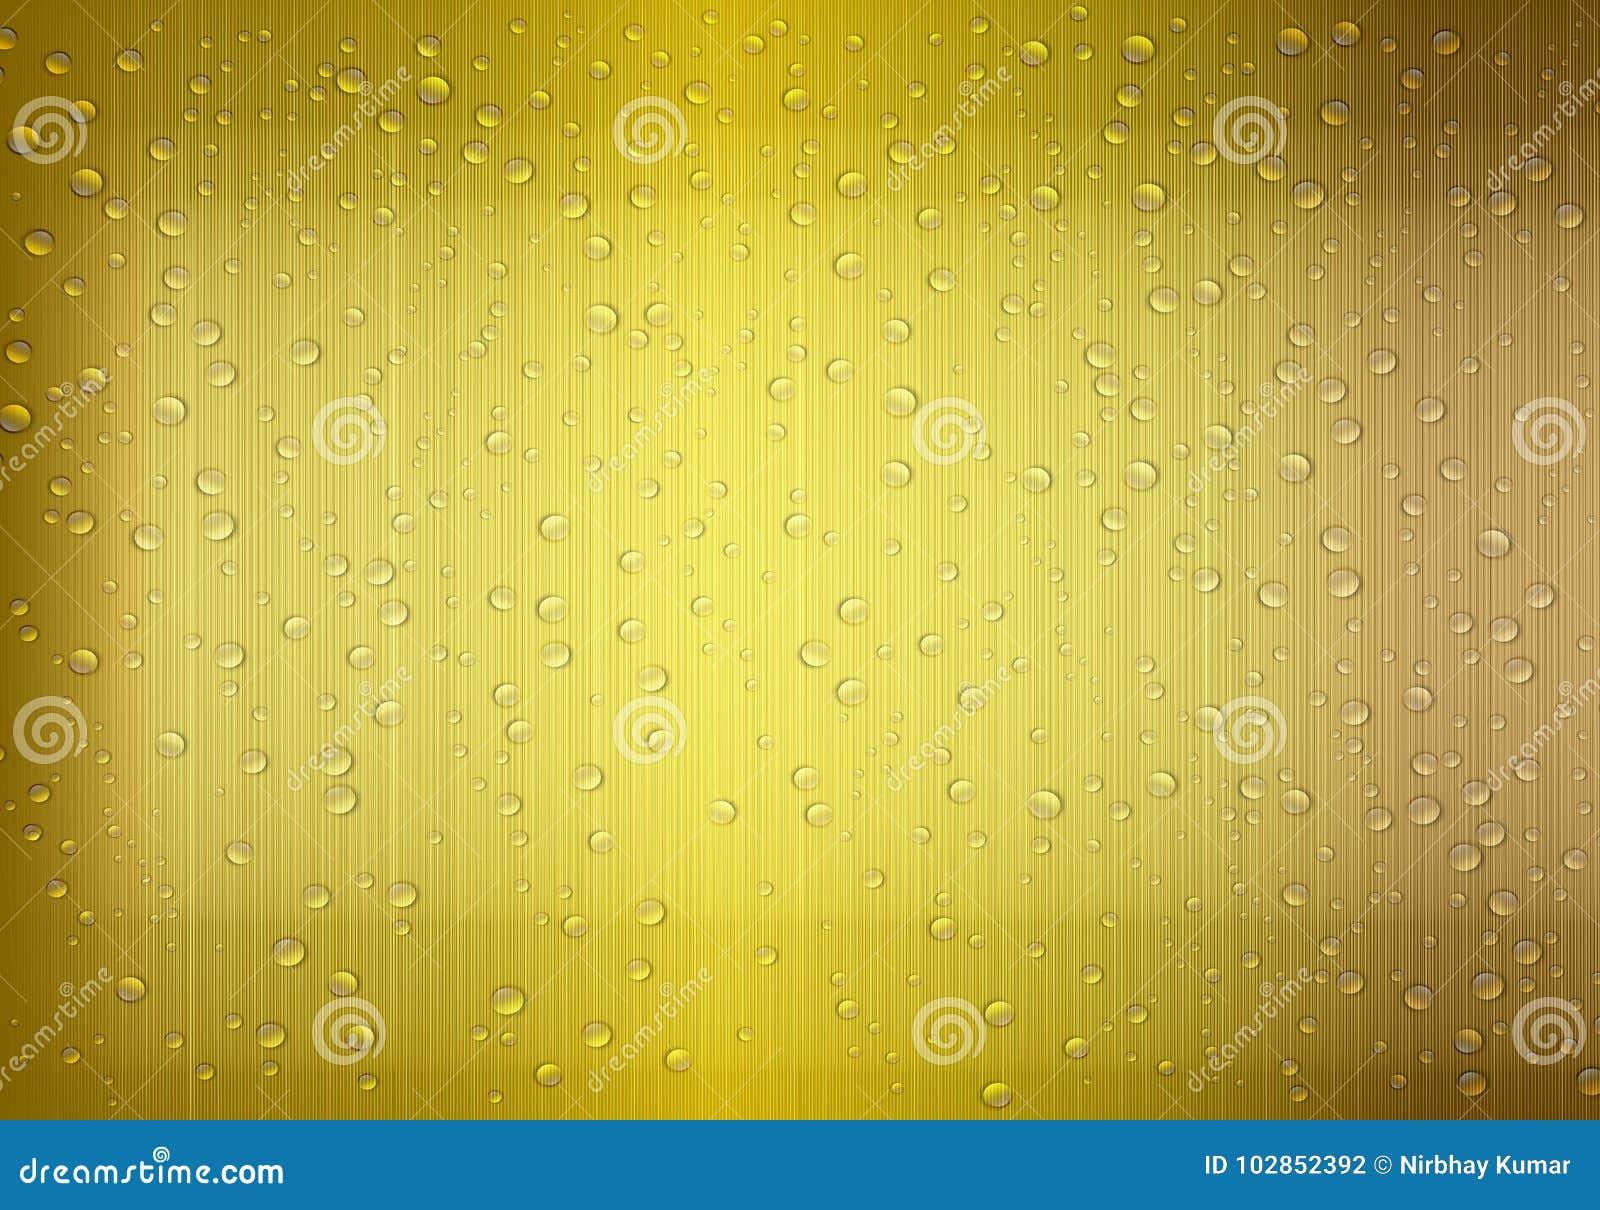 Water Drop Golden background